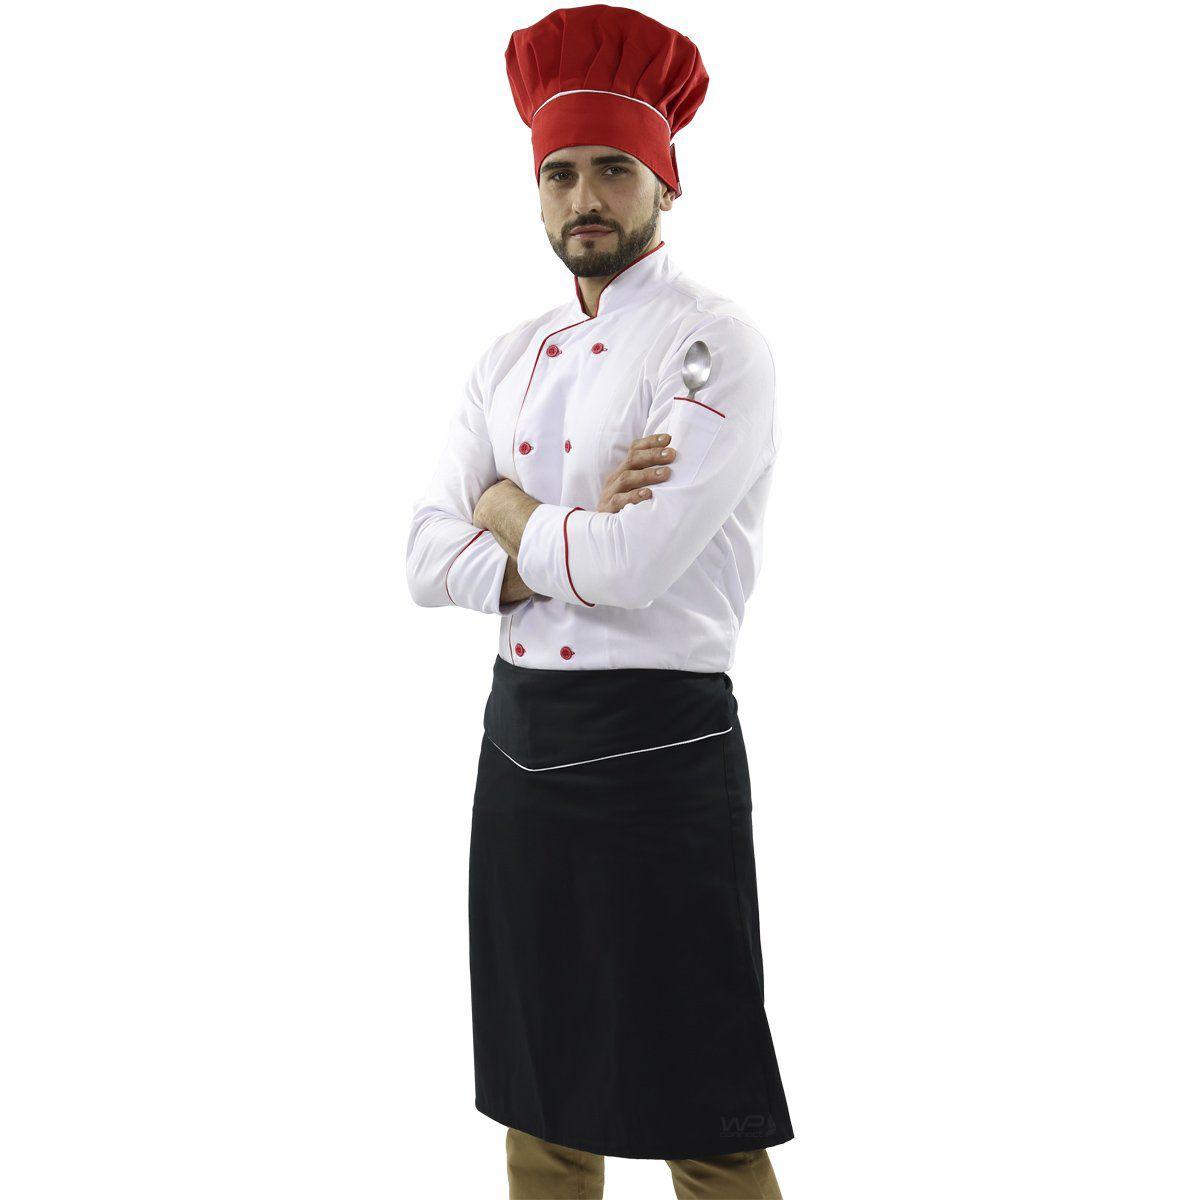 Avental Chef de Cozinha Confeiteiro Preto/Branco - Wp Connect